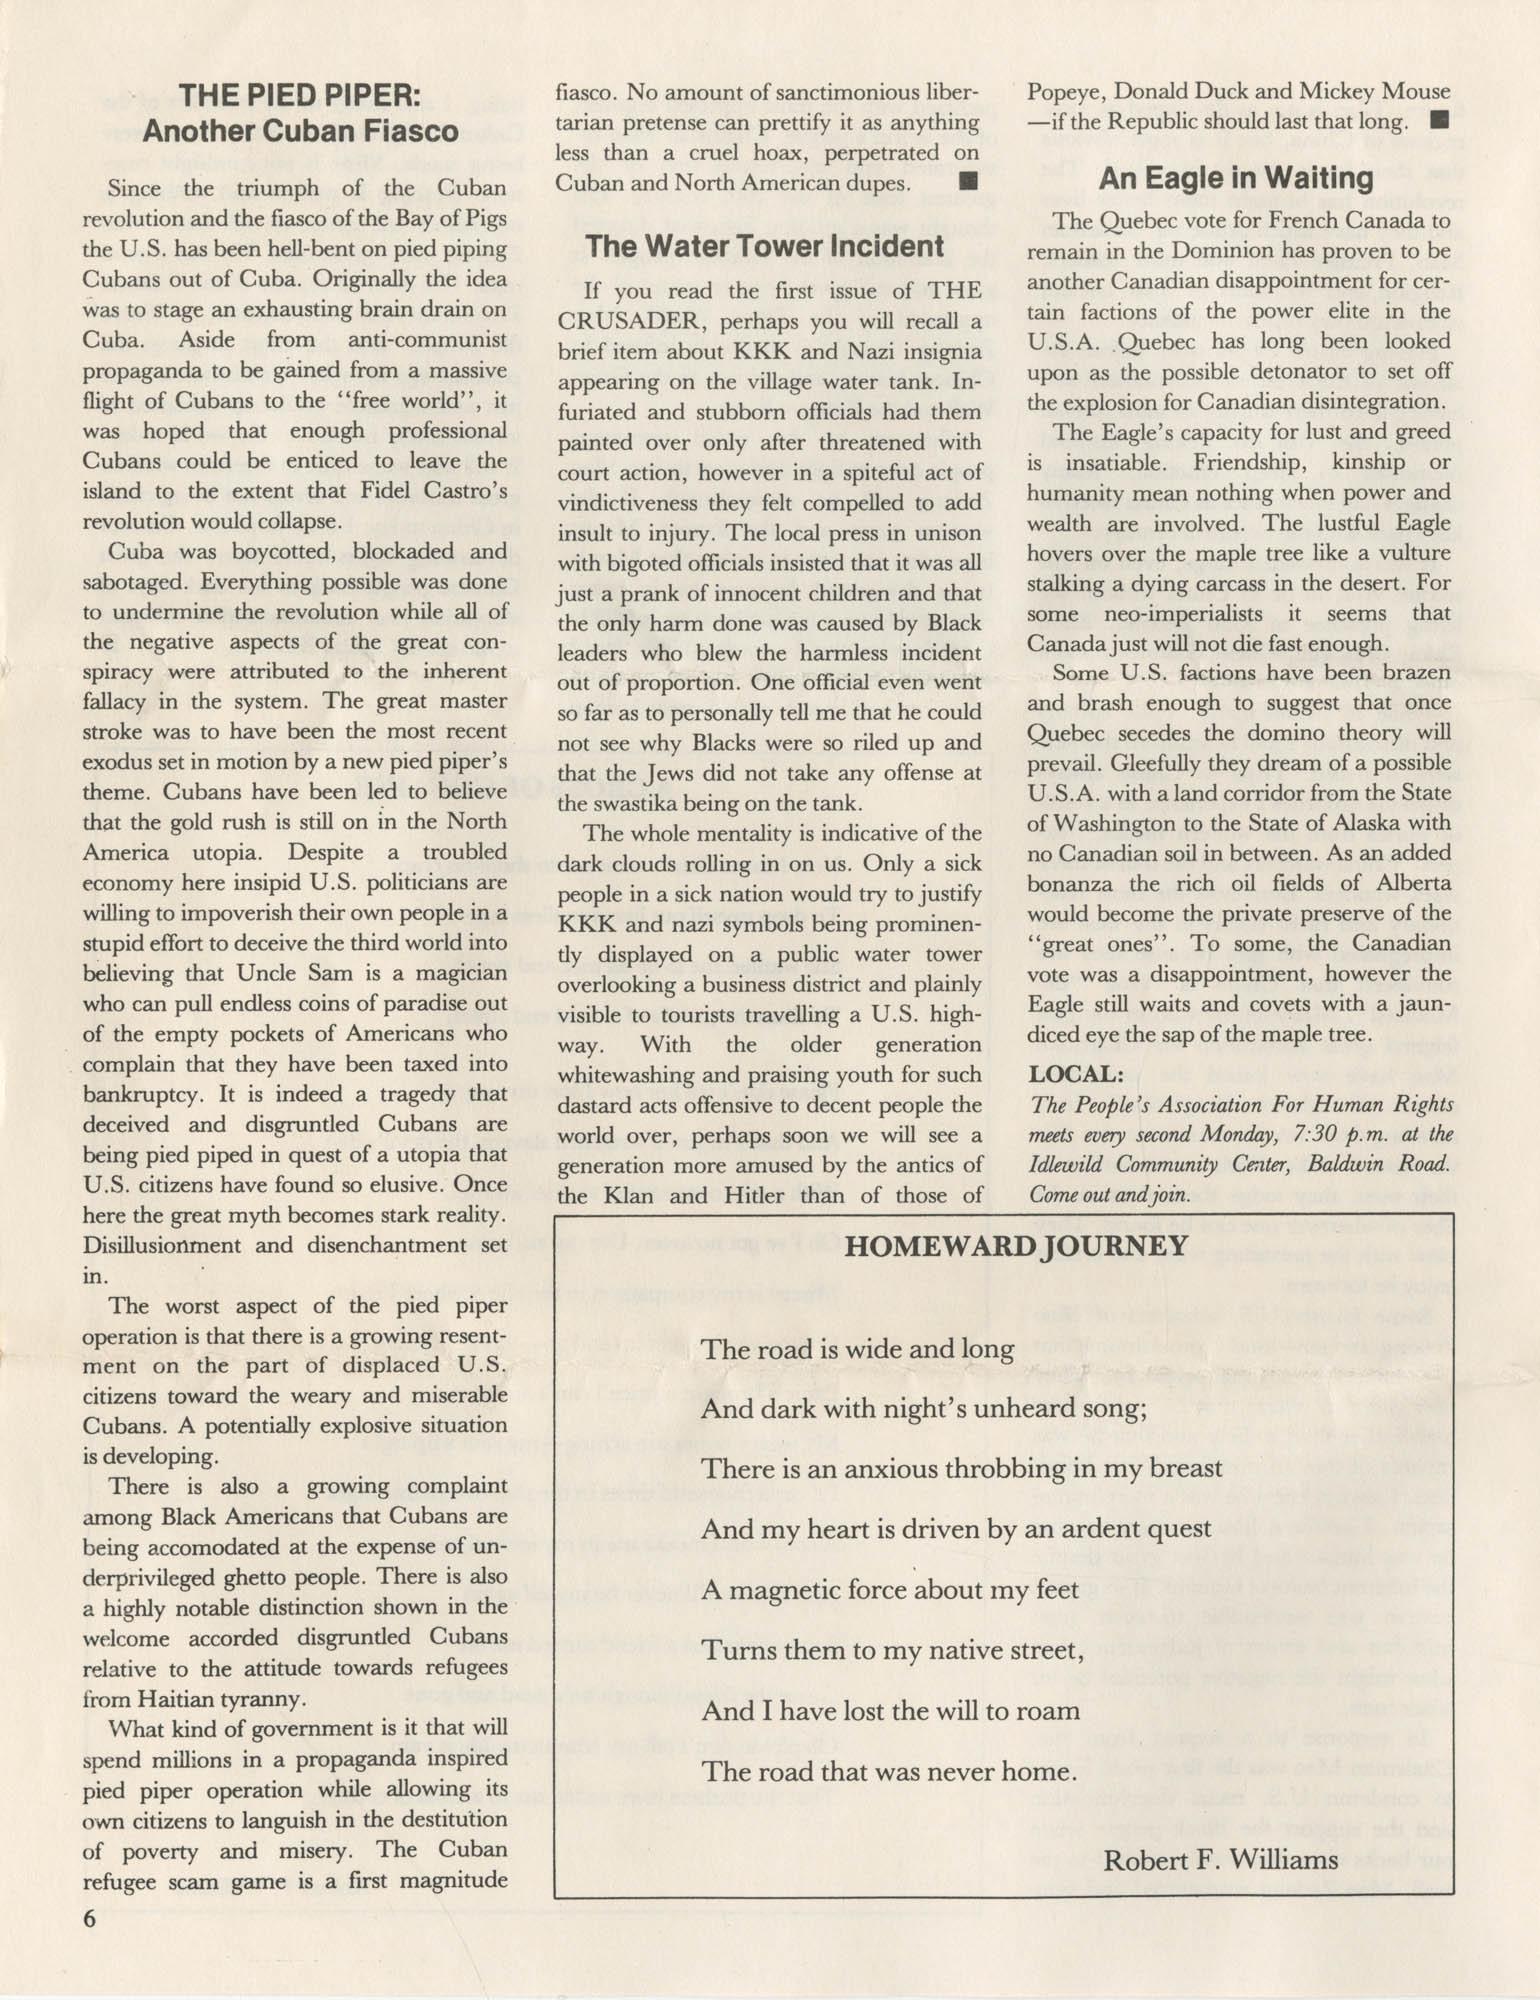 The Crusader, Vol. XII, No. 1, Page 6